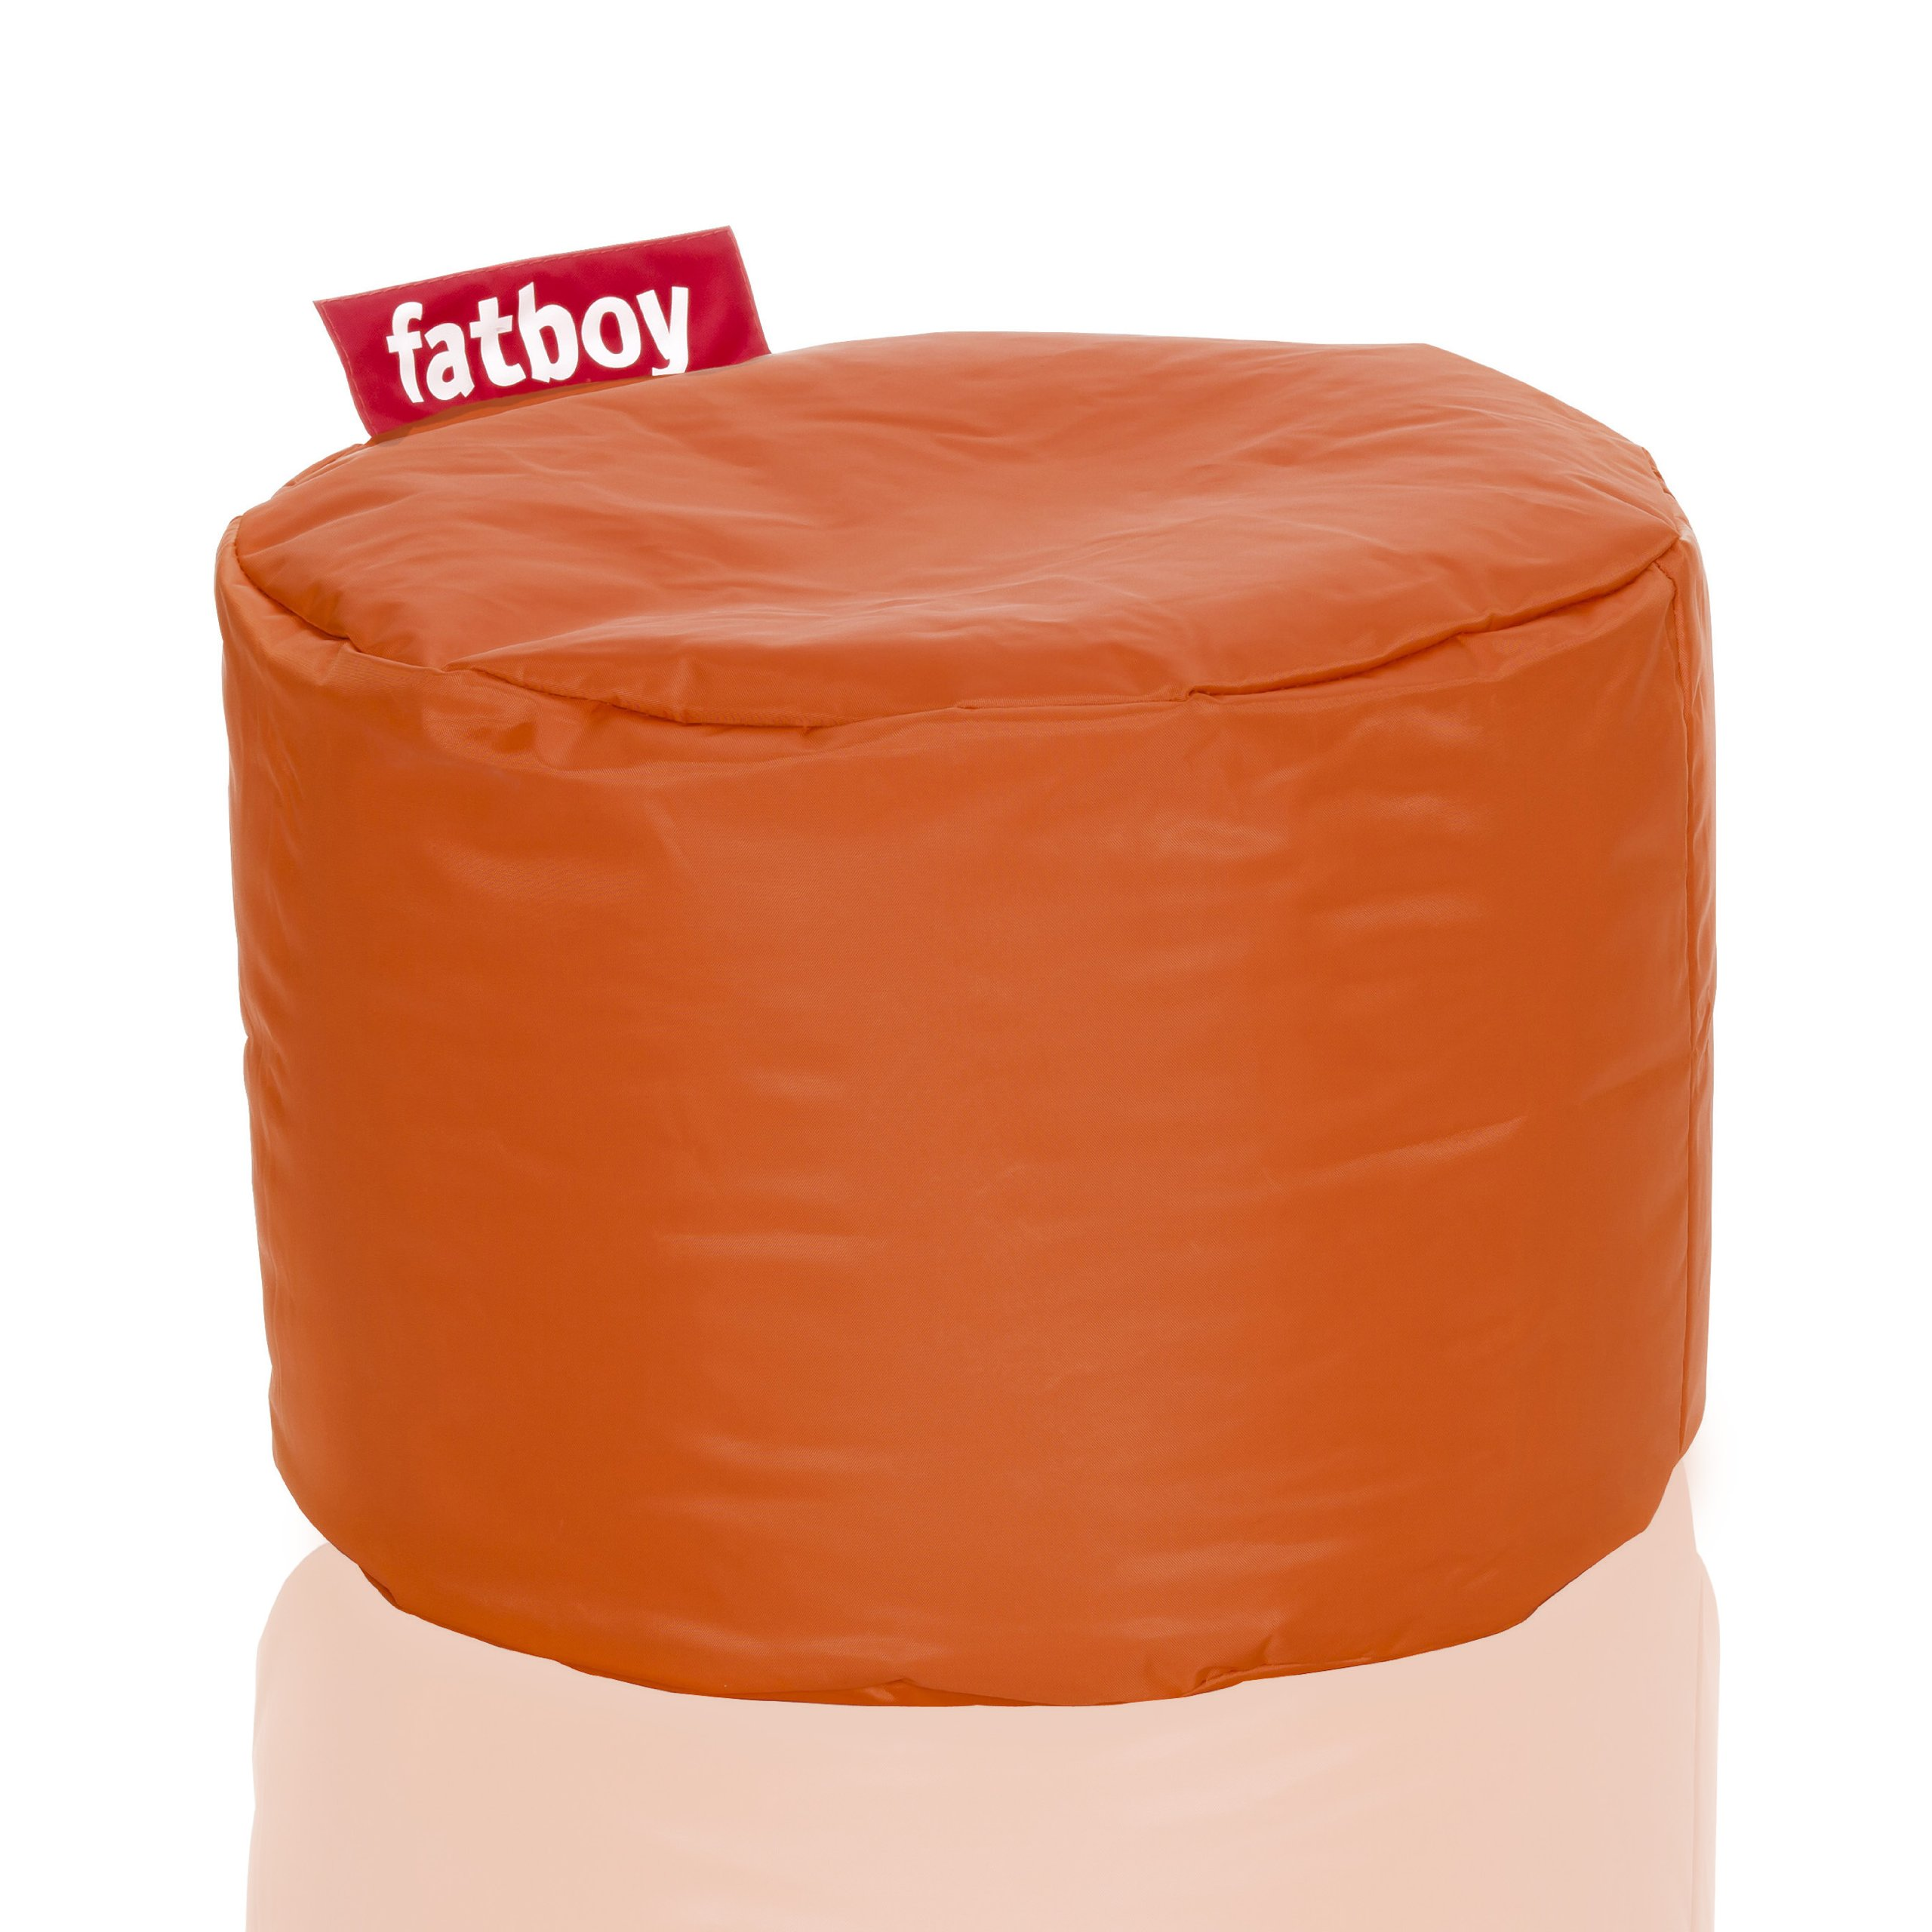 Fatboy Point, Orange by Fatboy